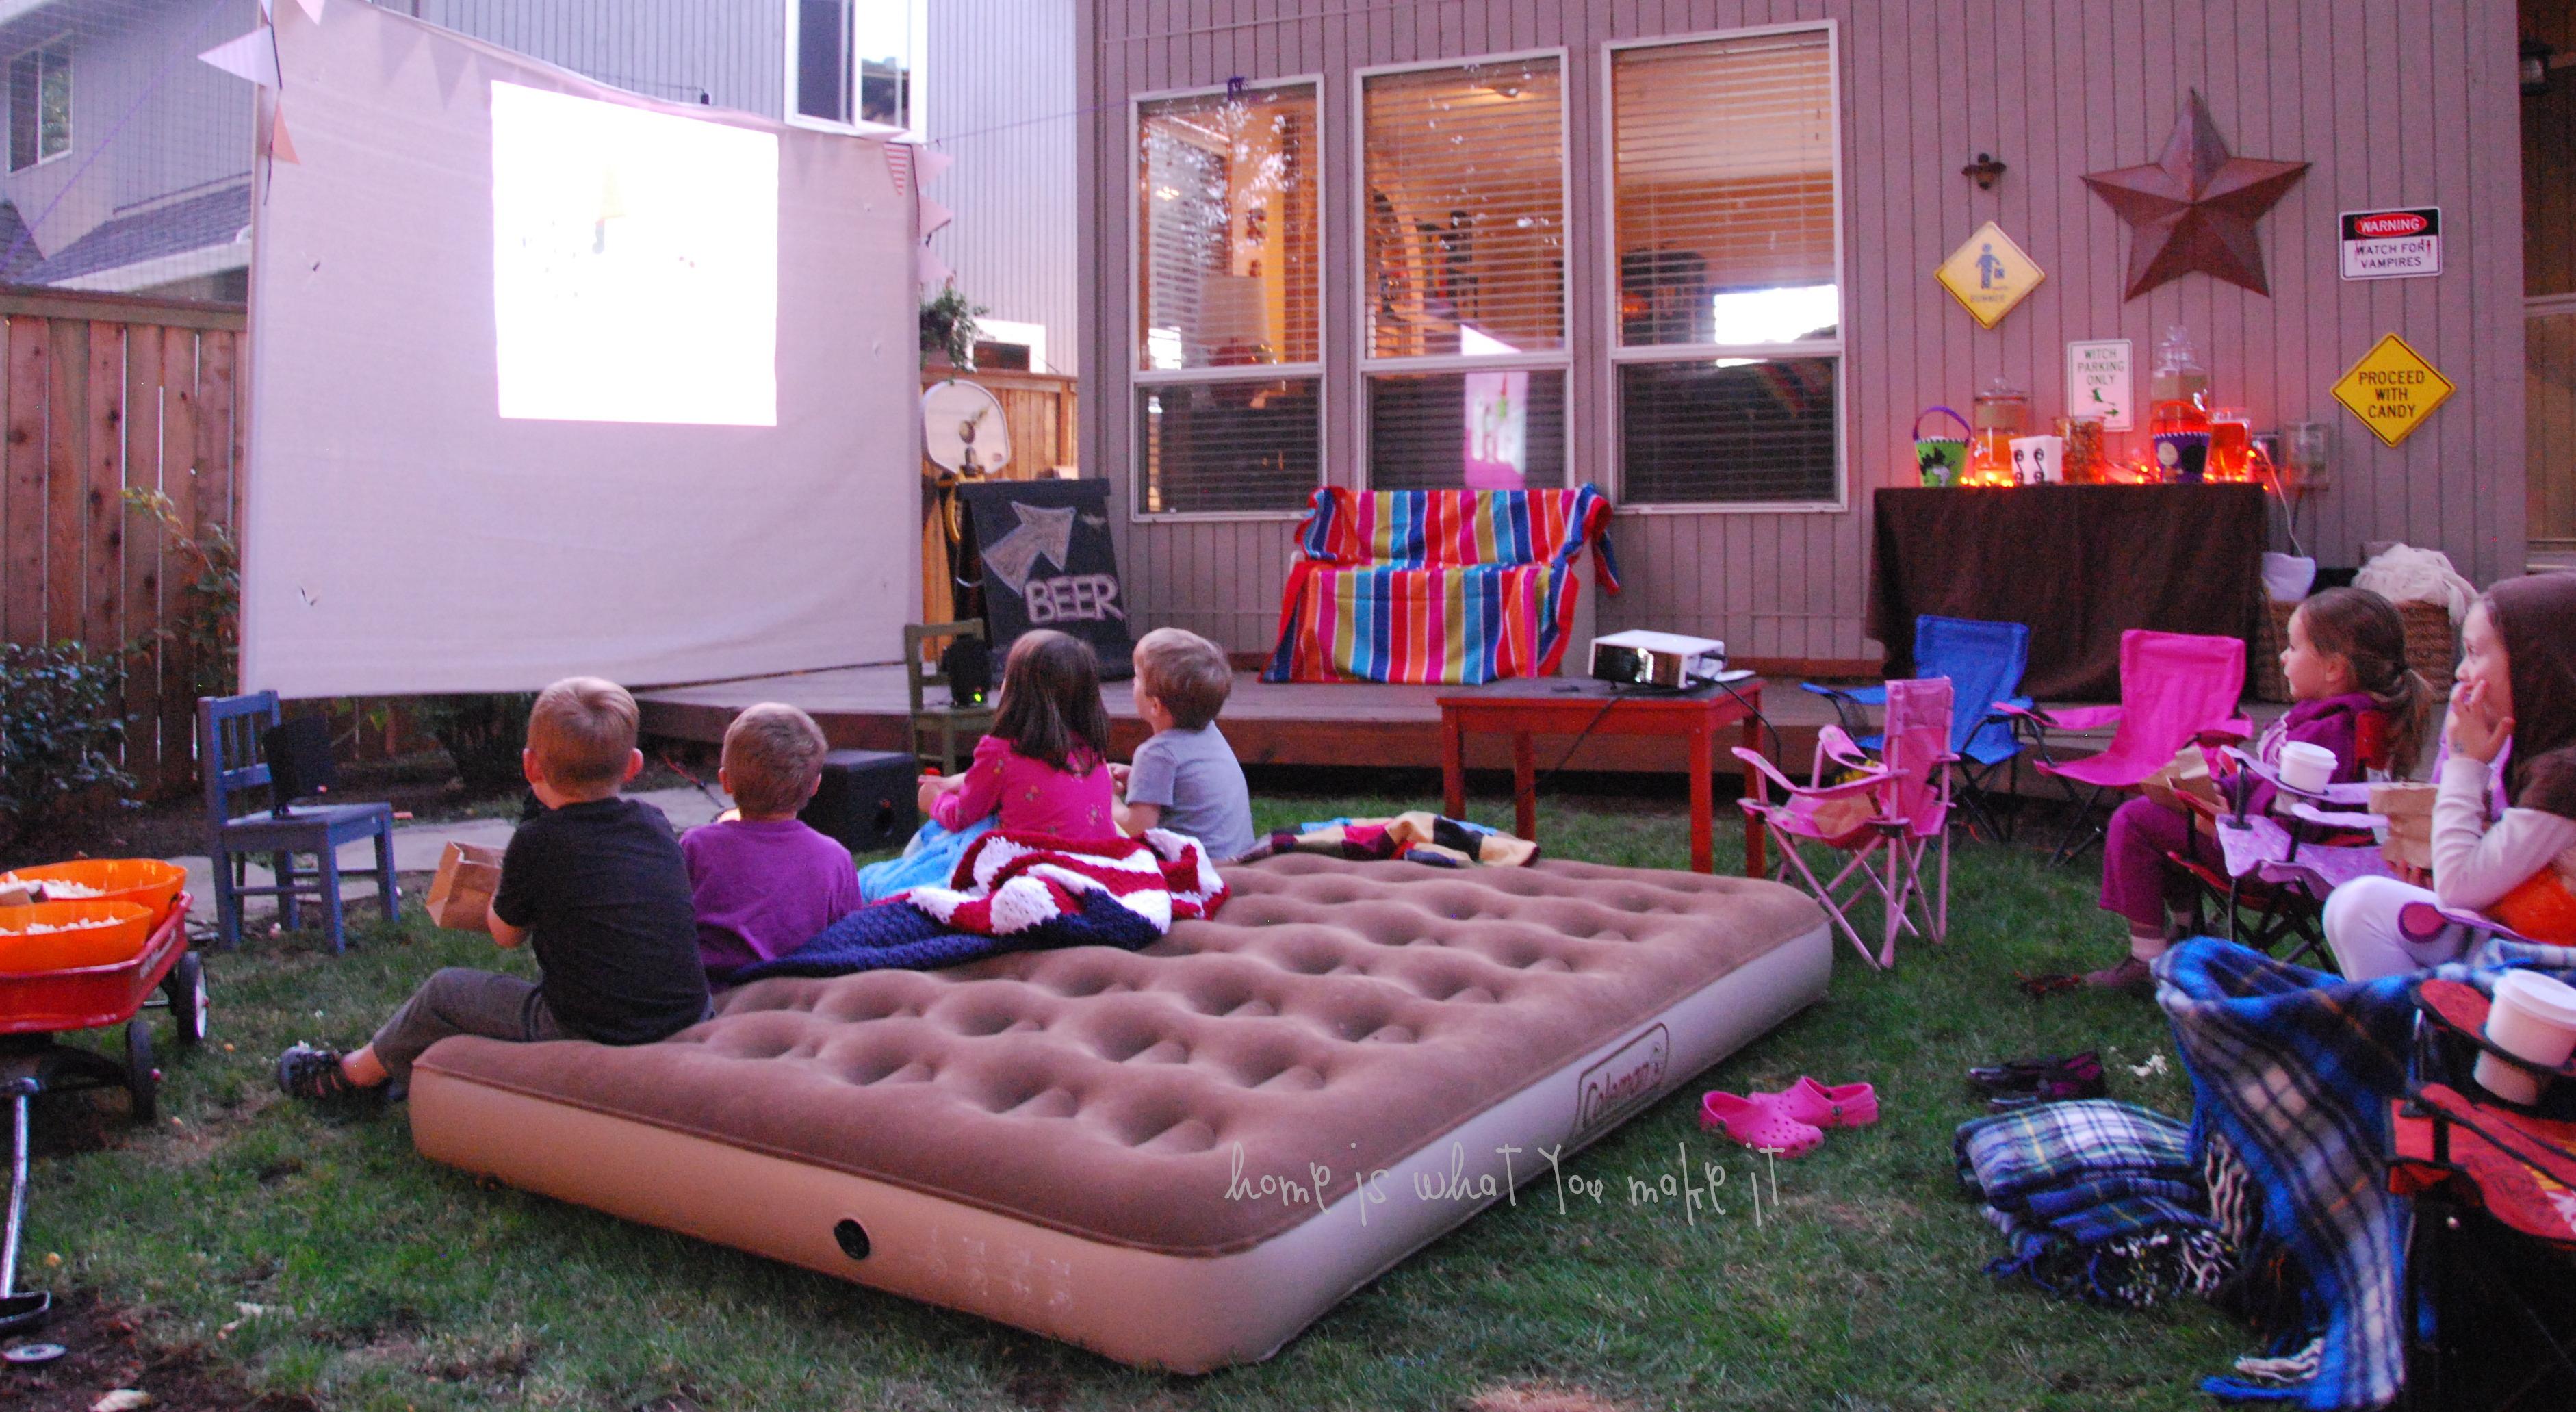 19.SIMPHOME.COM fall backyard movie night home